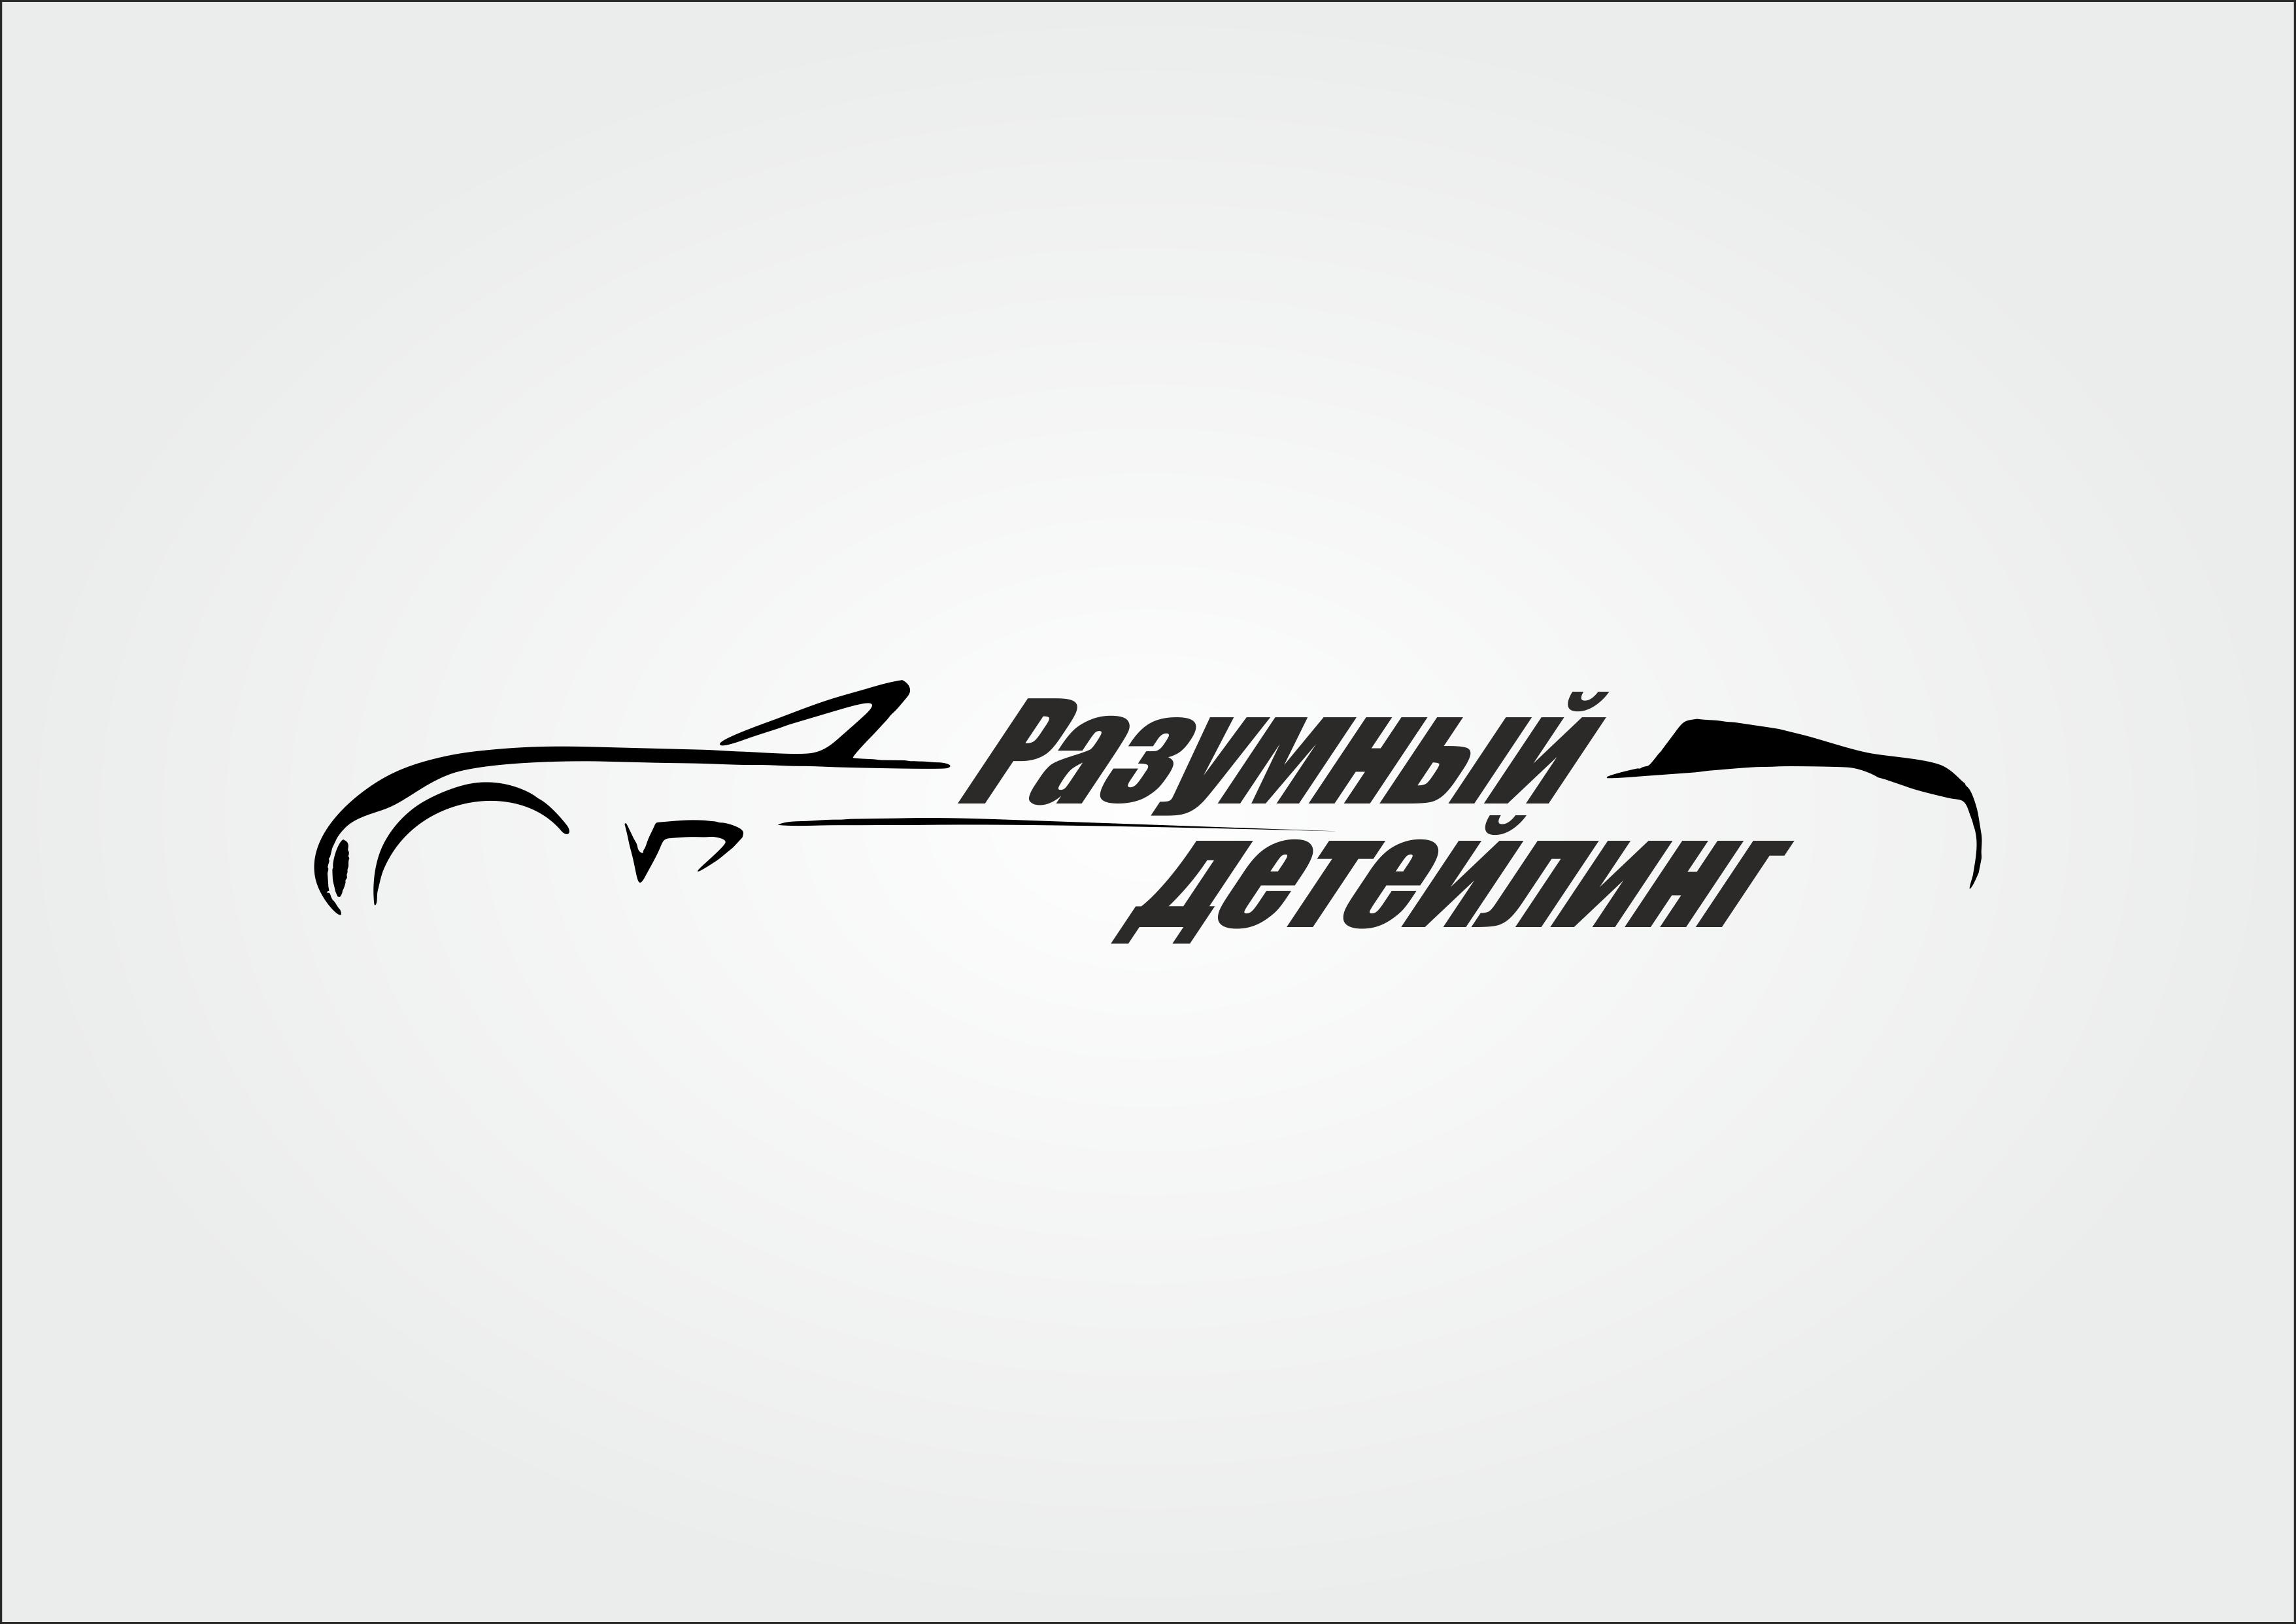 Ребрендинг логотипа  фото f_1375adcc2959d3c5.png